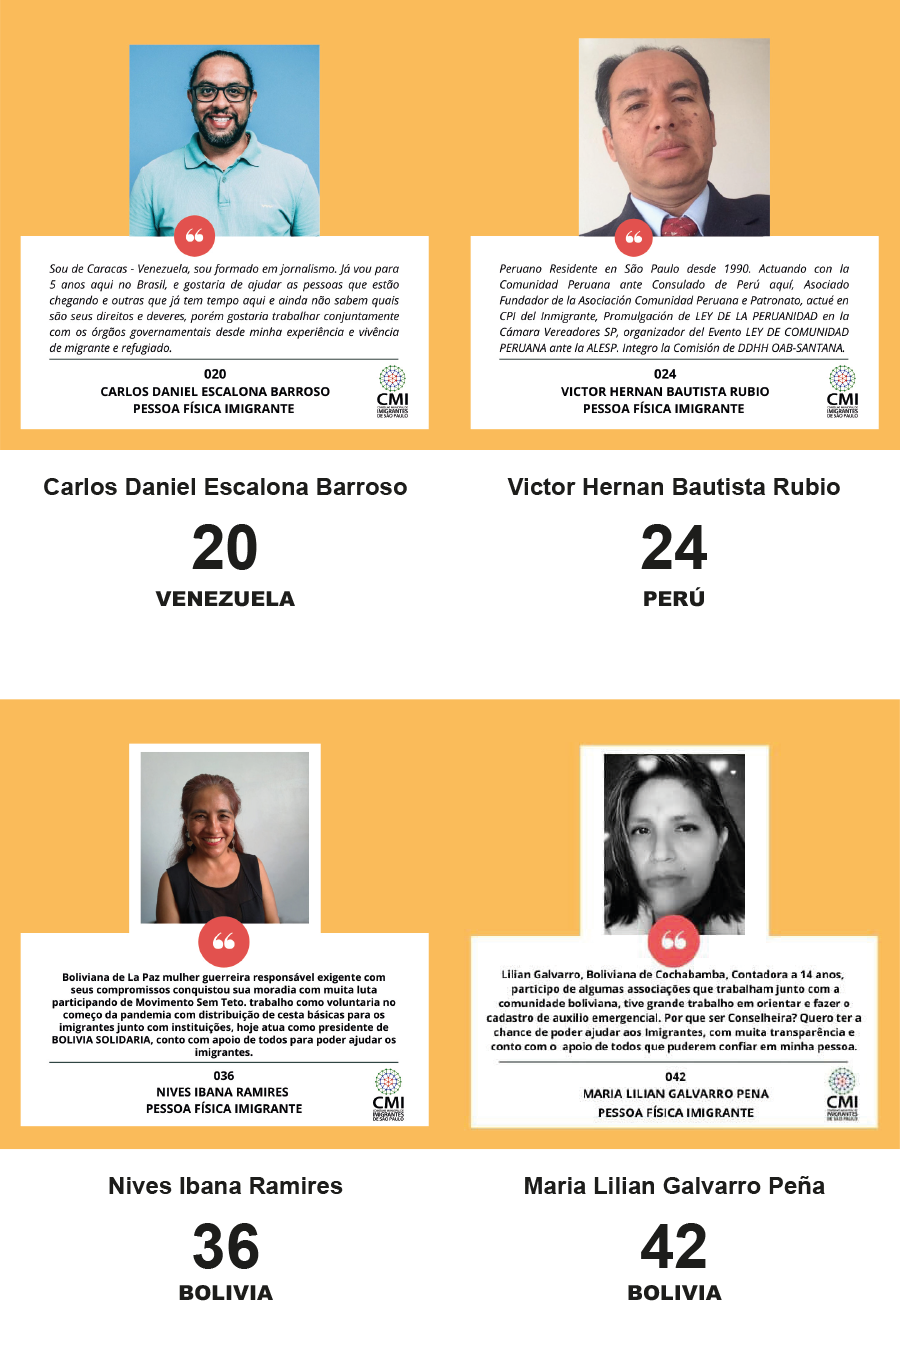 LIVE - DEBATE: Conheça as propostas dos candidatos ao Conselho Municipal de Imigrantes.